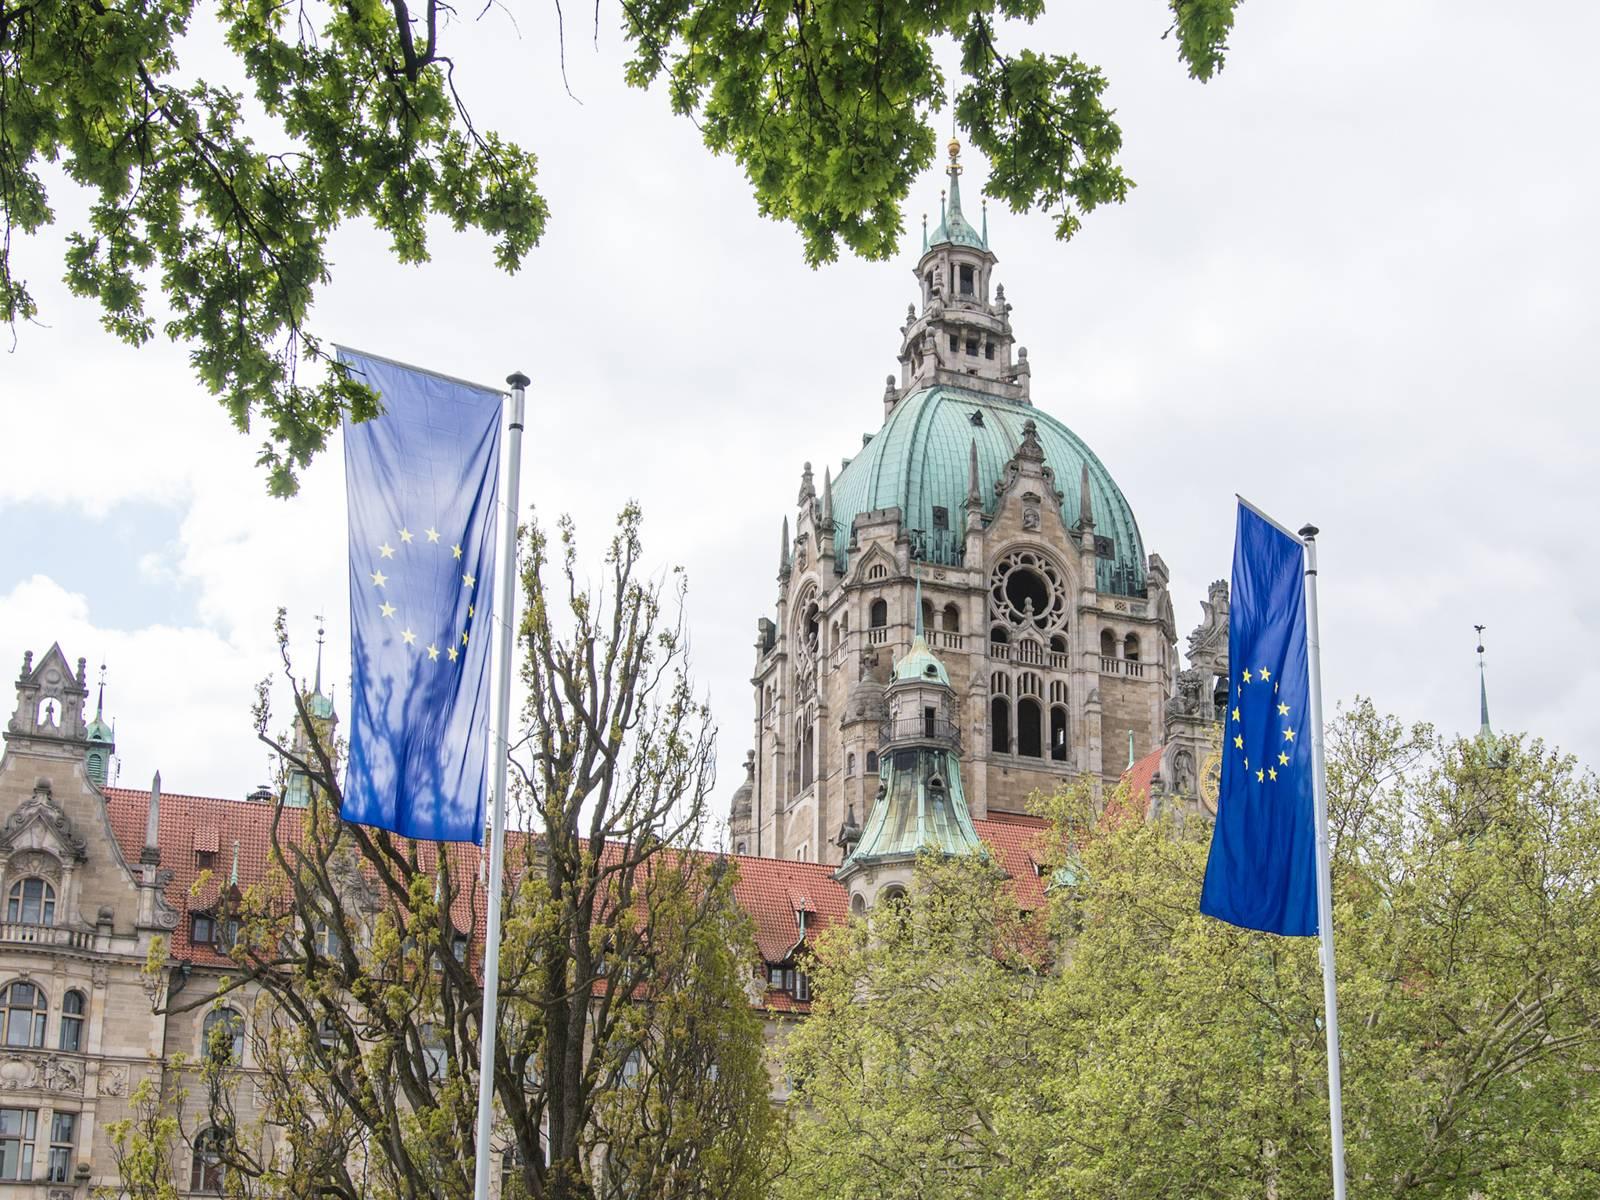 Flaggen vor einem Gebäude.